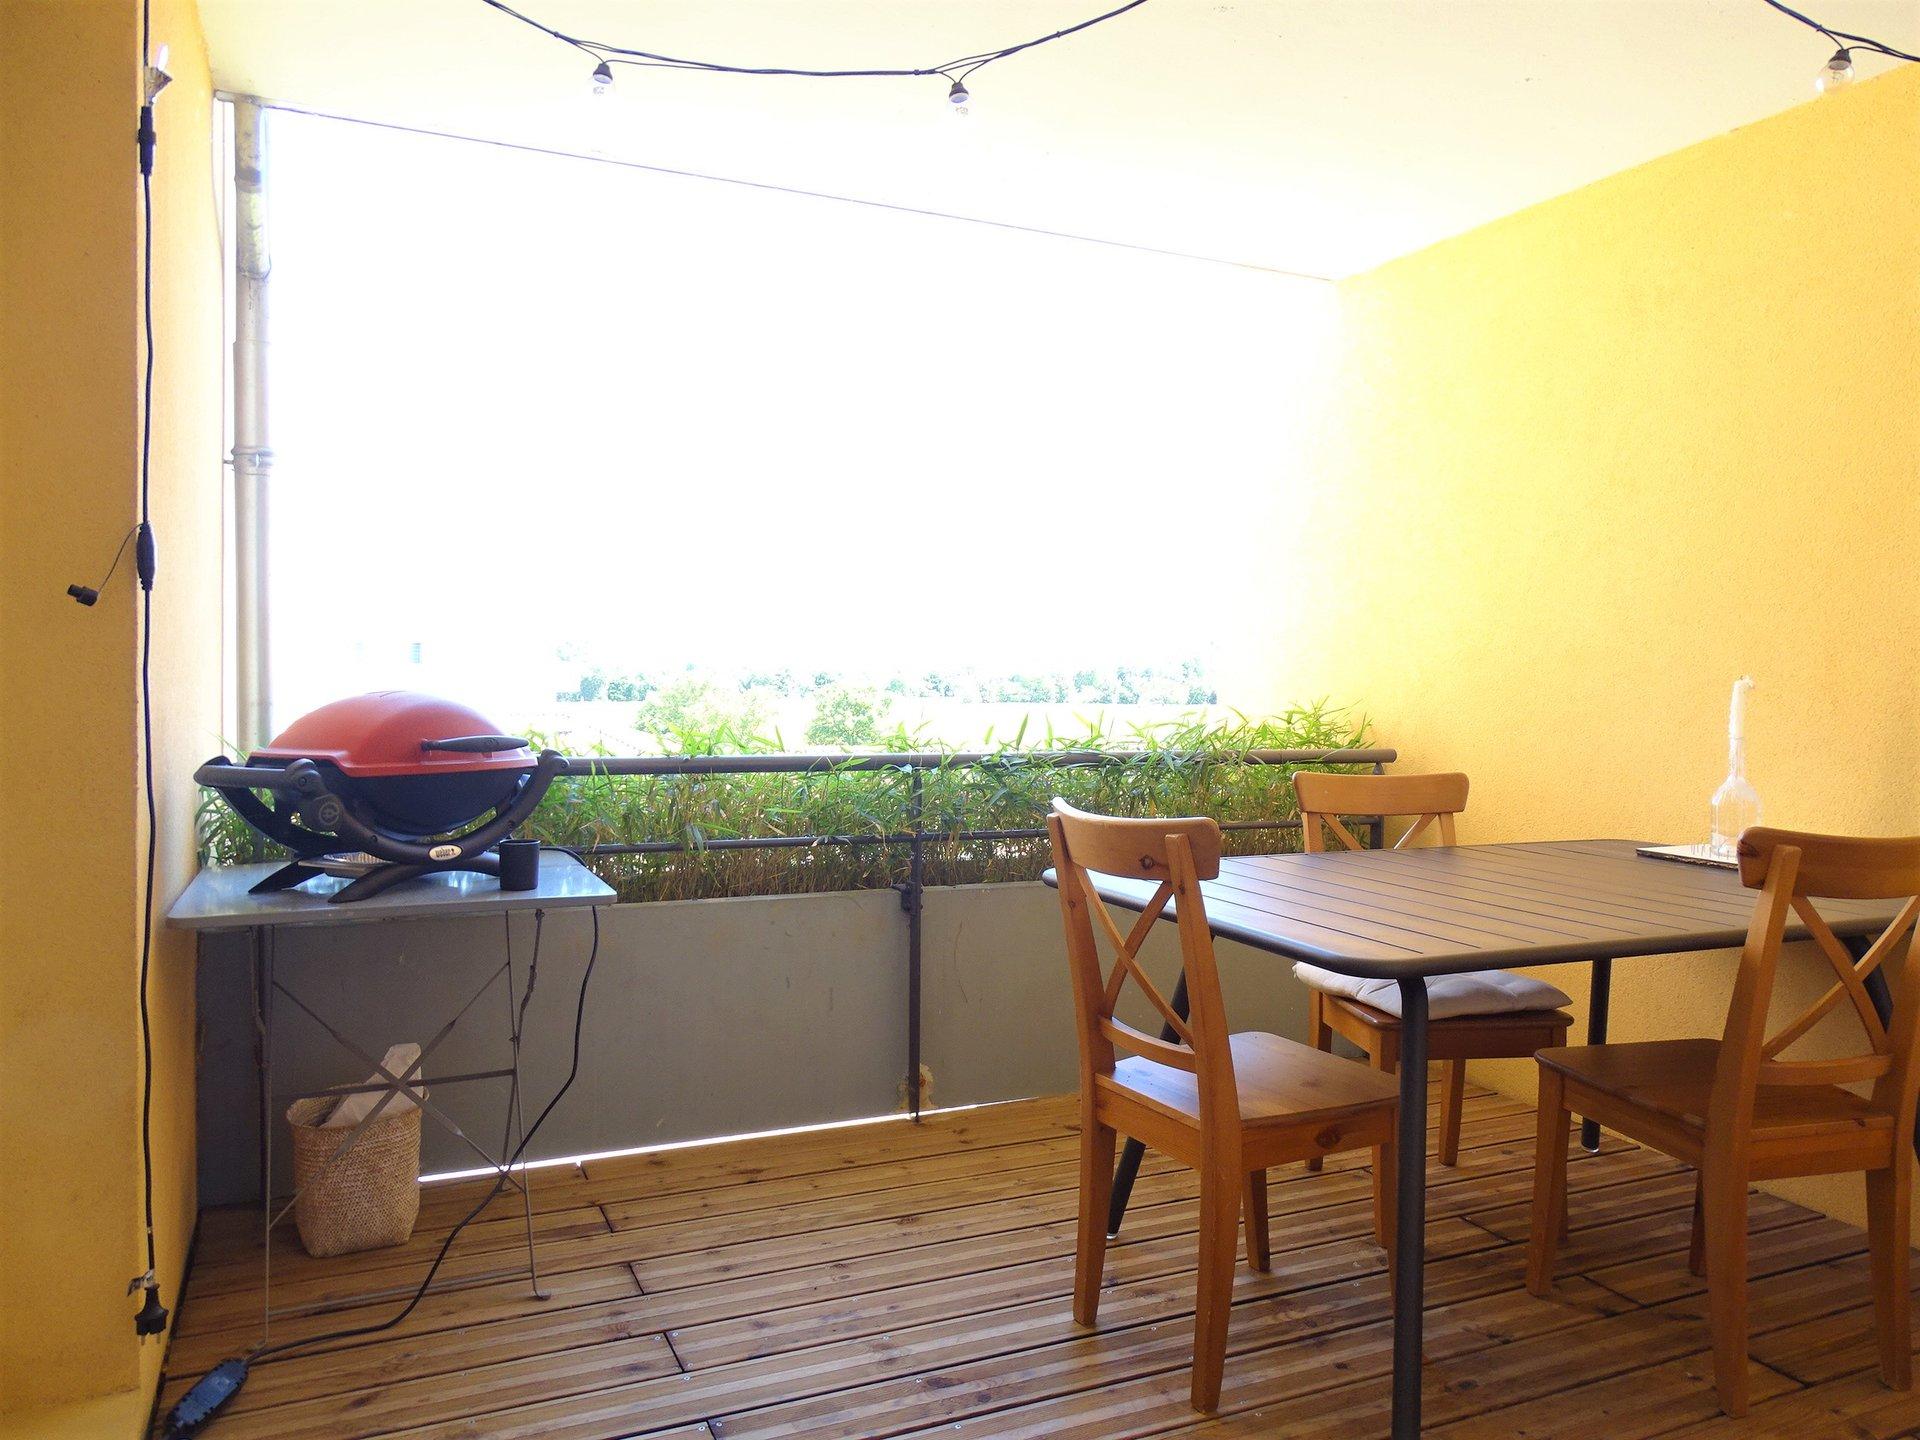 Saint Laurent sur Saône - à 10 mn à pied du centre ville de Mâcon tout en étant dans un environnement sans nuisances, superbe appartement totalement rénové.  Au 2ème étage d'une copropriété bien entretenue, ce bien se compose d'une belle pièce à vivre de 50 m², avec cuisine totalement équipée, d'une buanderie, de trois chambres de belles tailles dont deux donnant sur un balcon et d'une grande salle de bains. Le plus : une jolie terrasse avec vue dégagée sur la campagne. Pas de travaux à prévoir, appartement rénové avec goût et disposant de beaux volumes ! Coup de c?ur assuré ! Parking au pied de la copropriété.  Bien soumis au régime de la copropriété : charges de 180 ?/ mois comprenant le chauffage (compteurs individuels installés en 2019), l'entretien des espaces verts, l'électricité des parties communes, l'assurance de l'immeuble ?